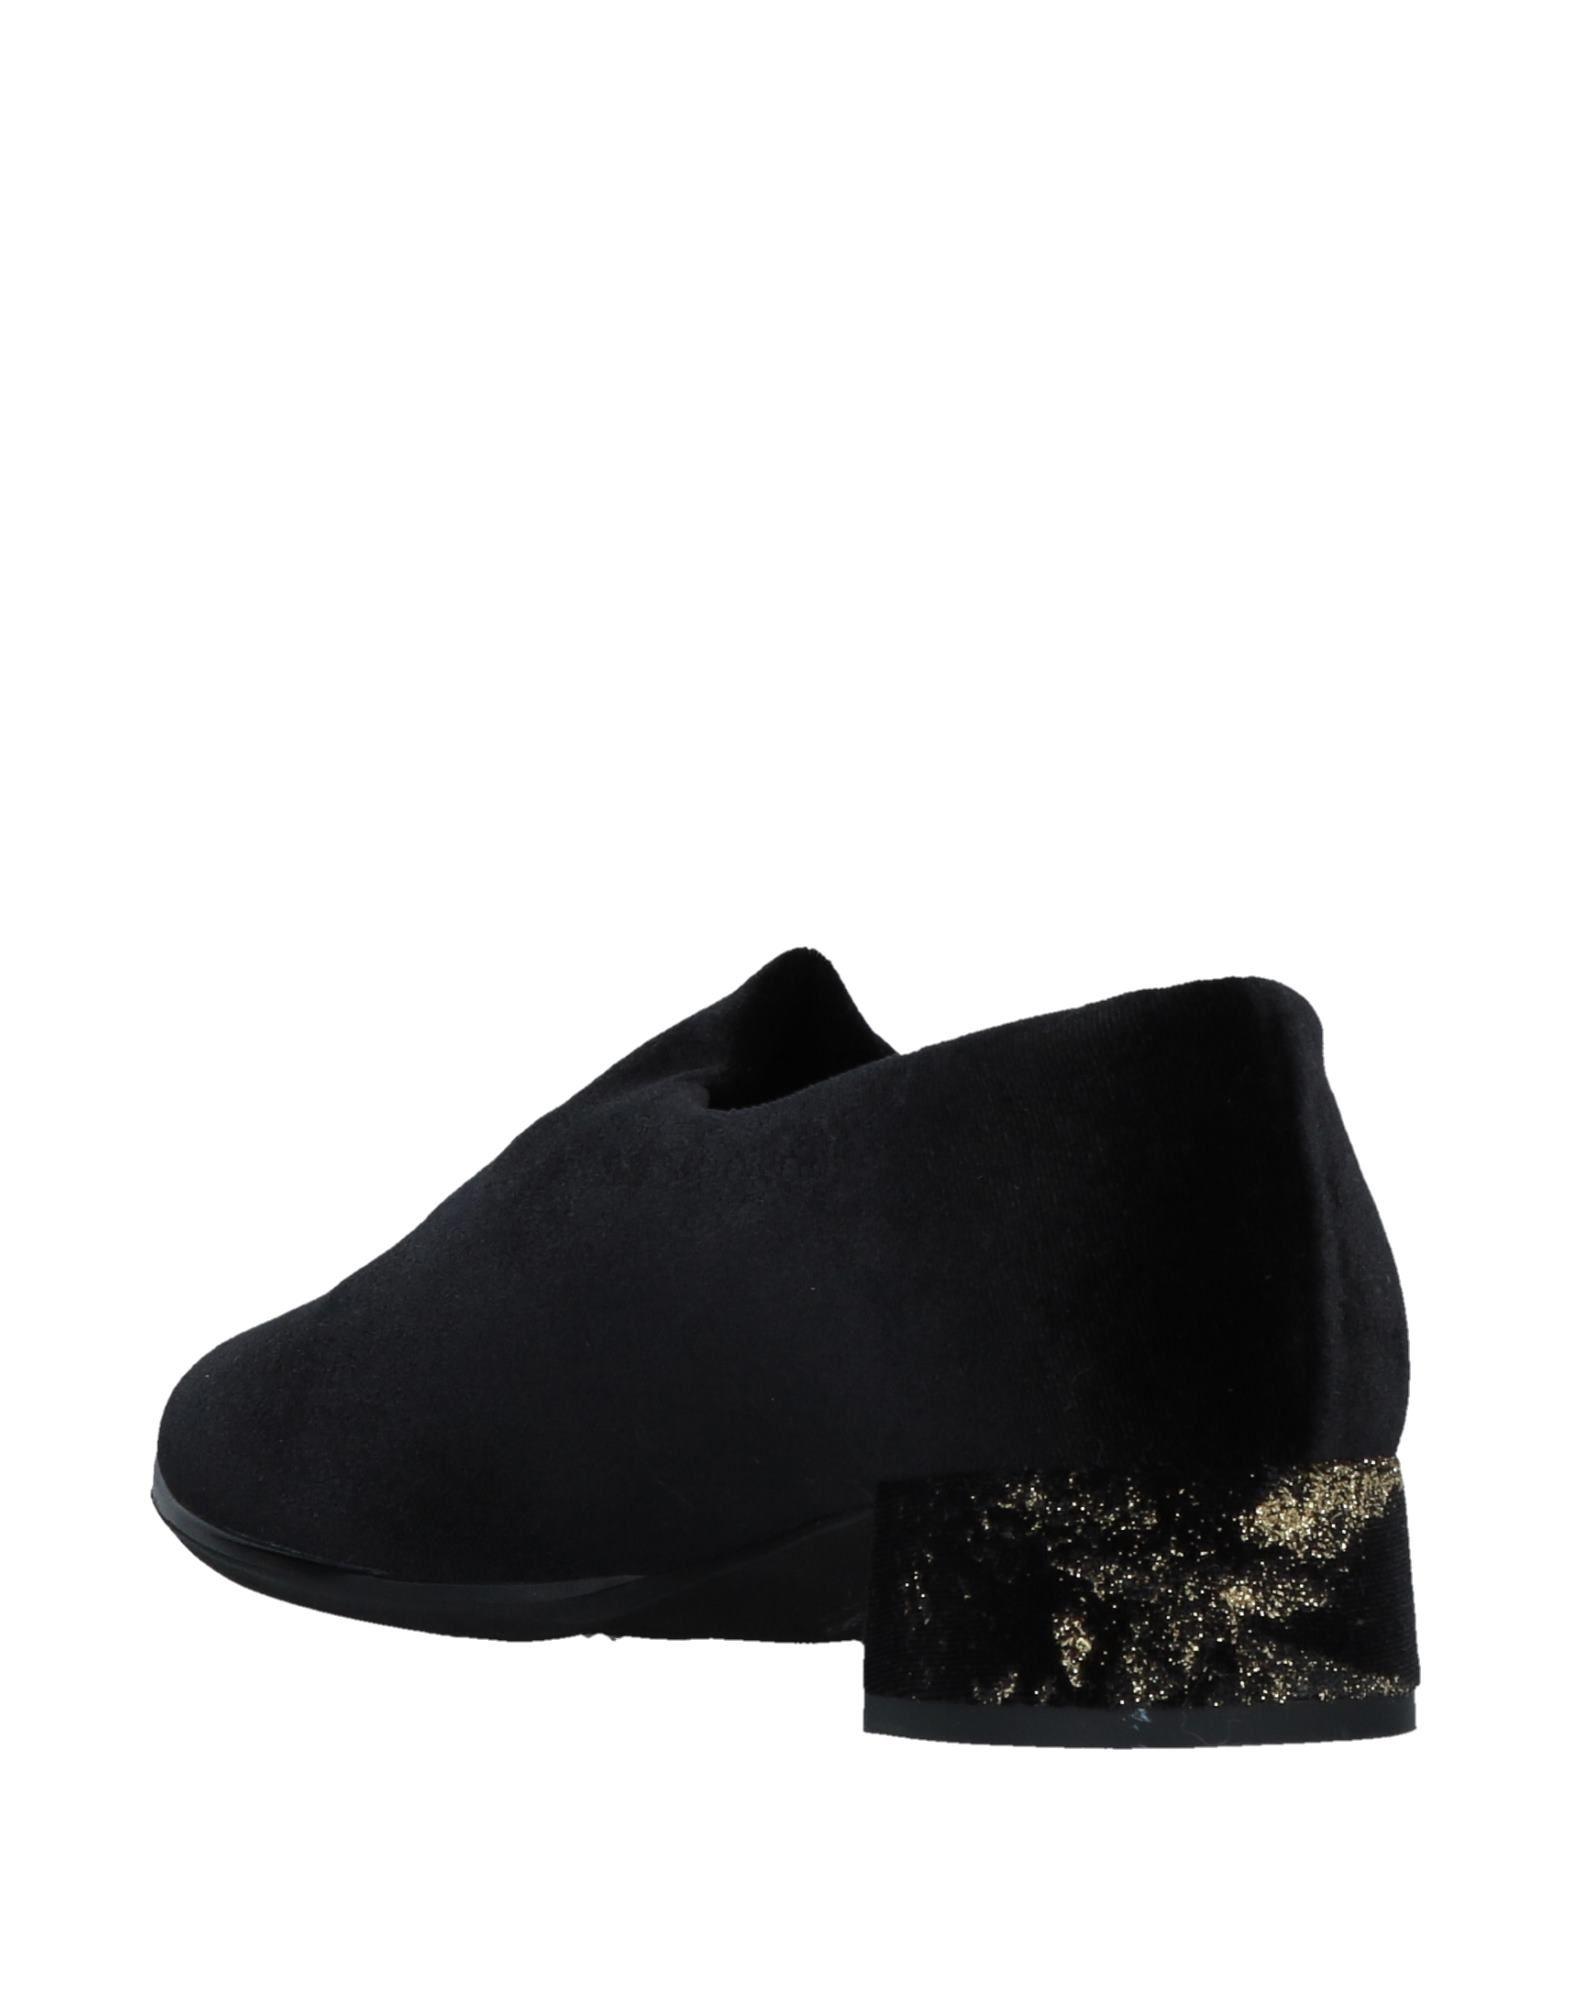 Nr Rapisardi Mokassins Qualität Damen  11505014HX Gute Qualität Mokassins beliebte Schuhe 770e03